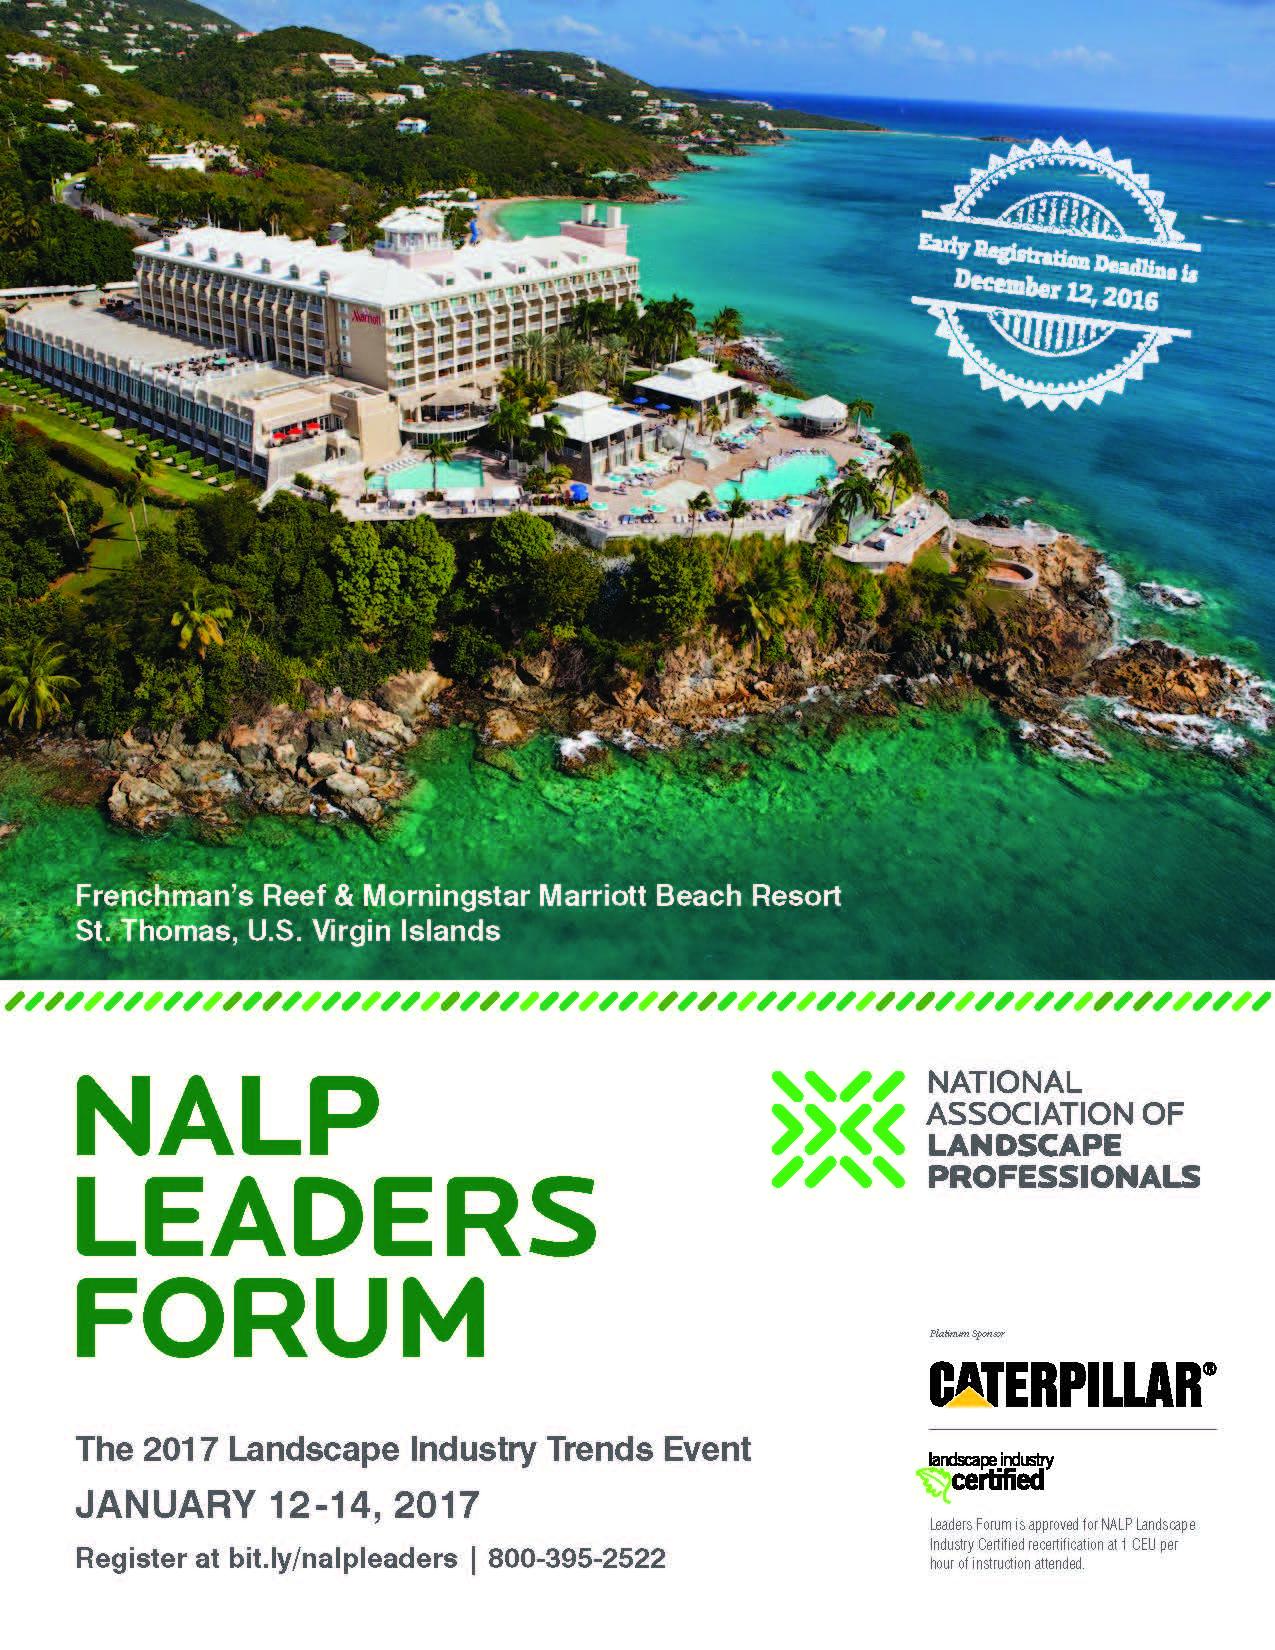 leaders-forum-brochure